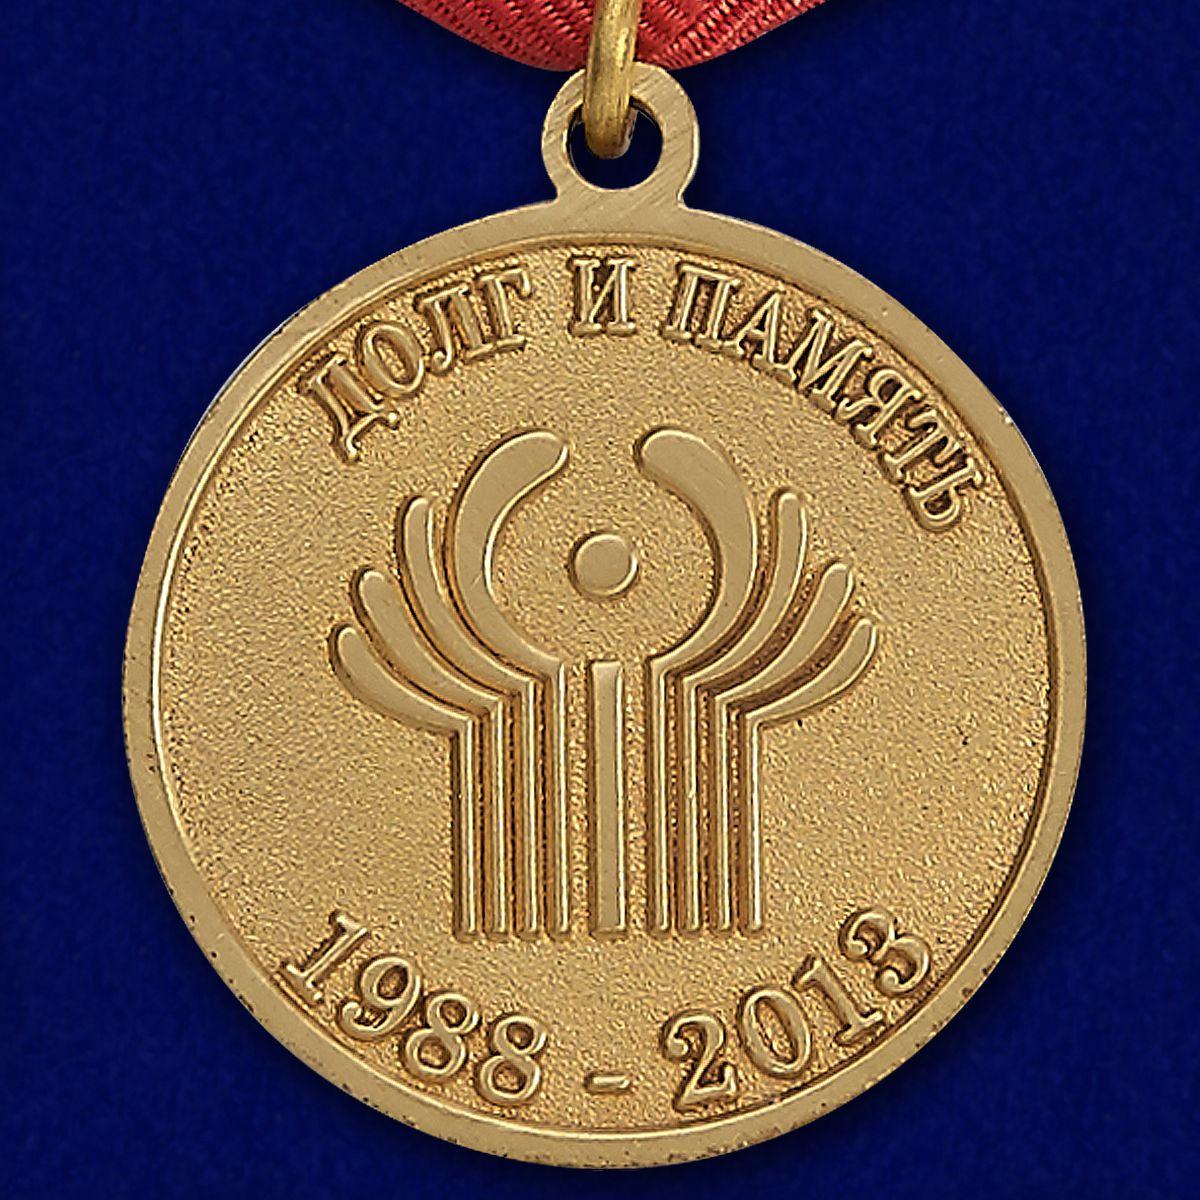 Медаль Ветеран поискового движения СНГ